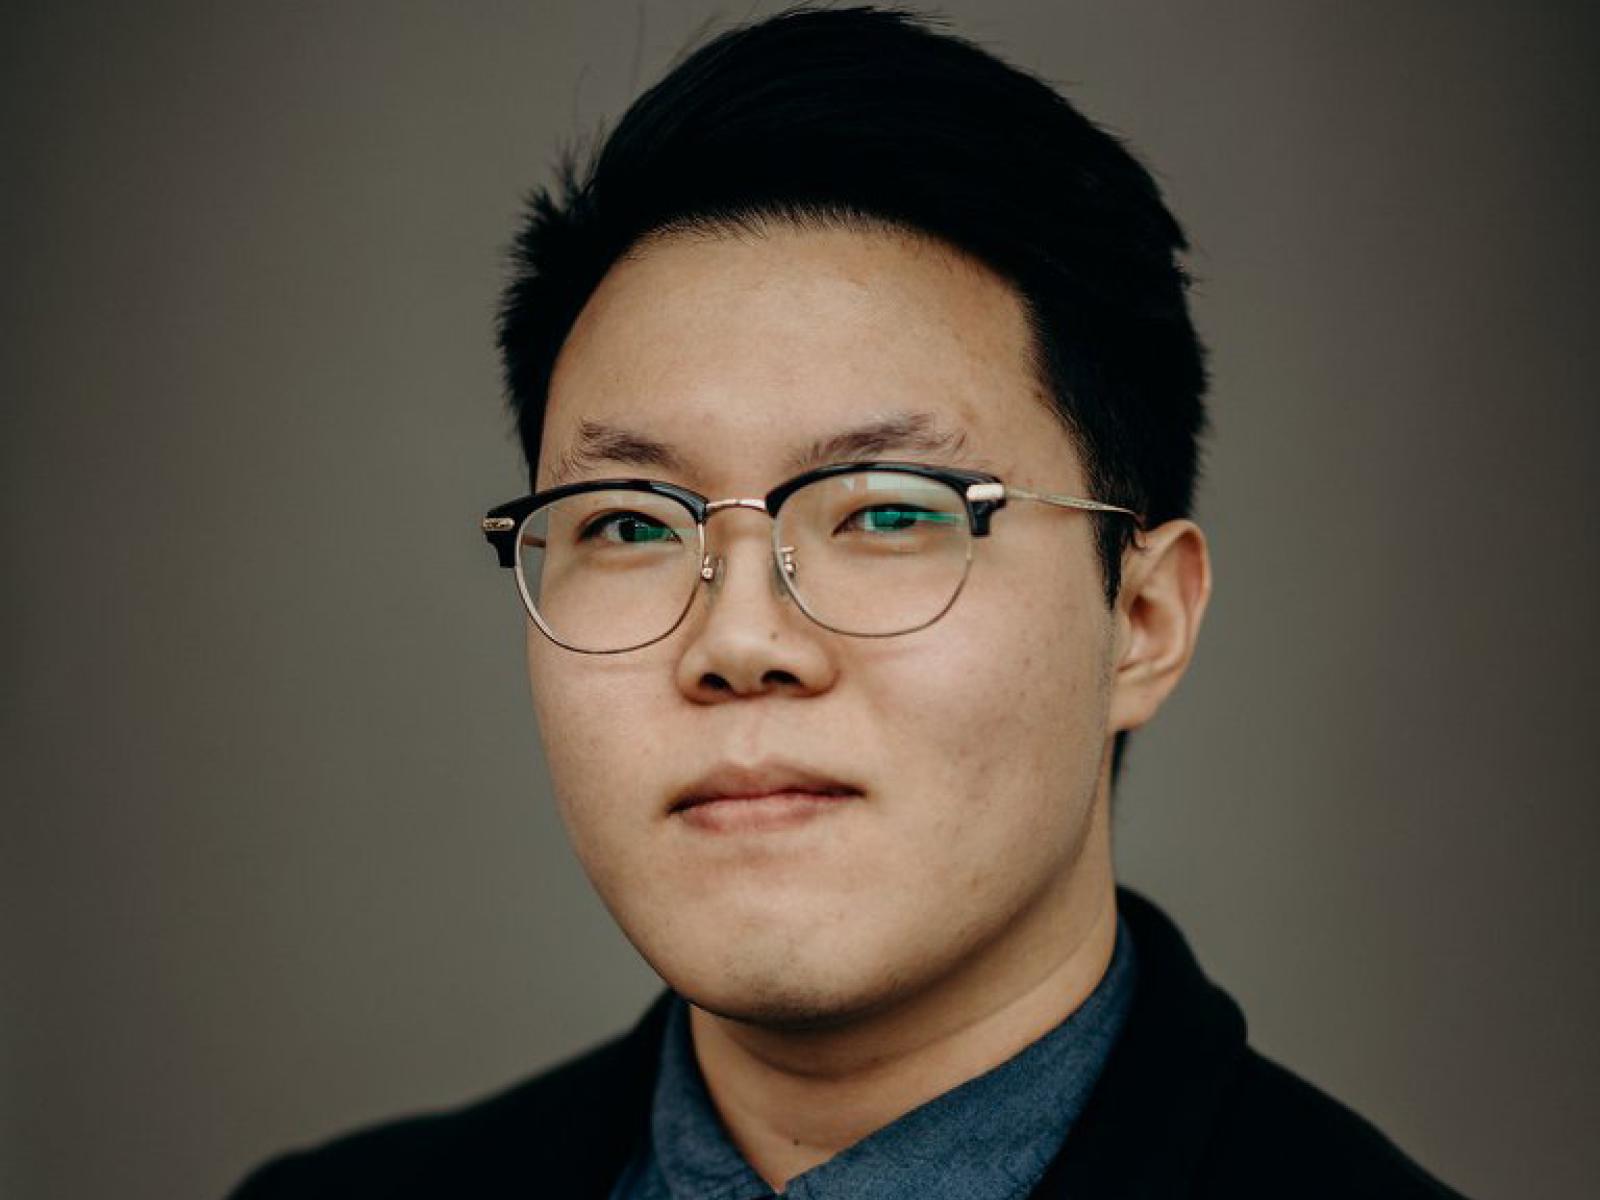 Chris JiHo Beon